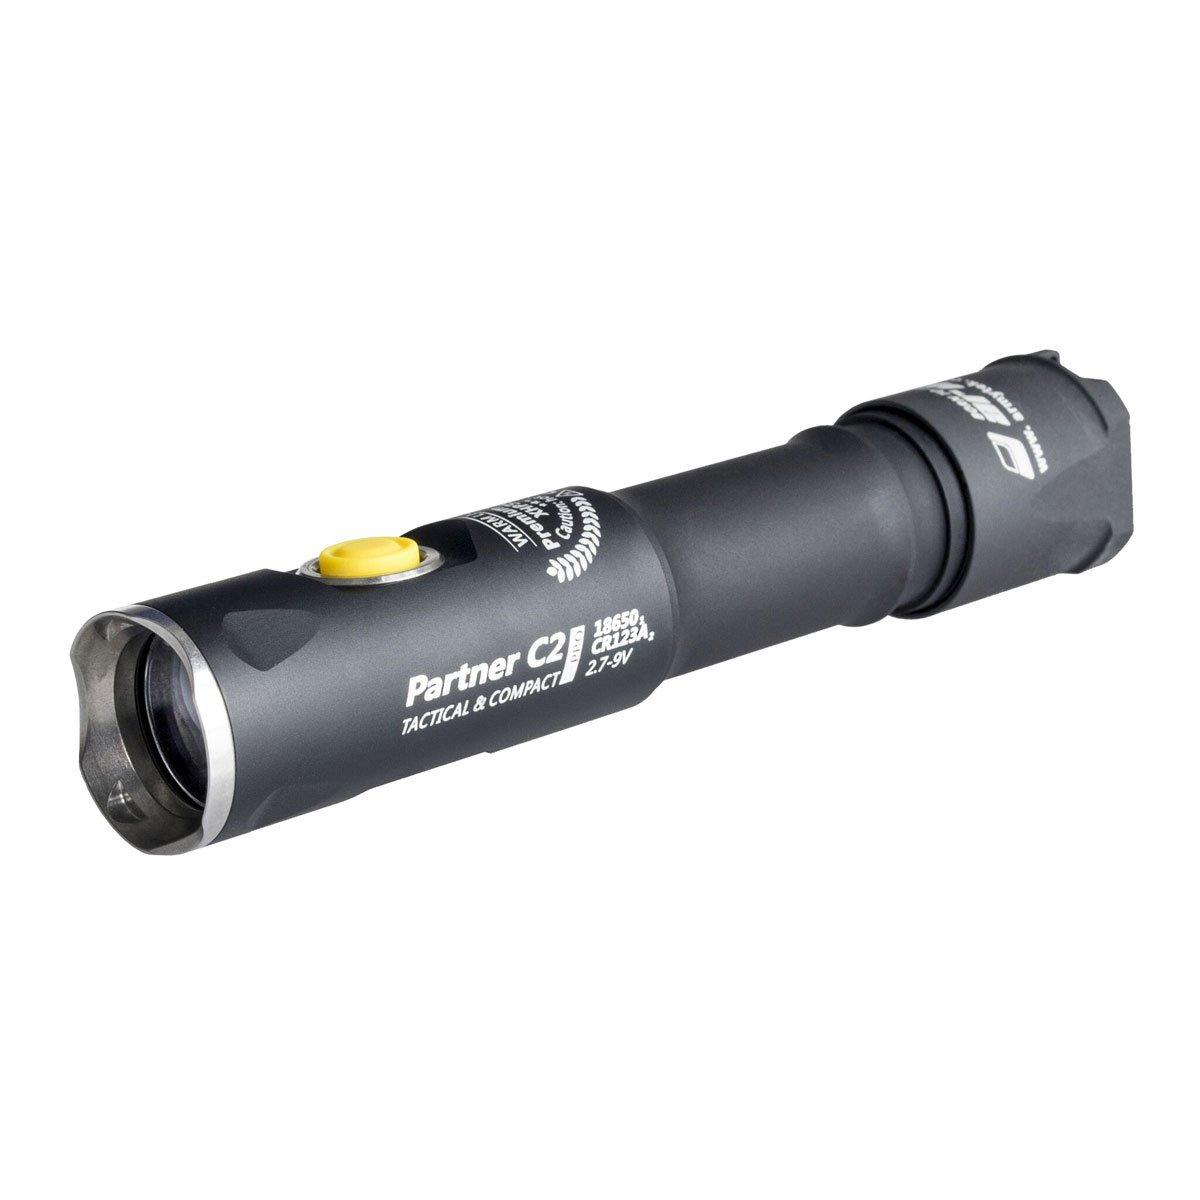 Armytek Partner C2 Pro XHP35 (weiß) - 2100 LED Lumen - Taschenlampe mit Holster, Clip & Schlaufe